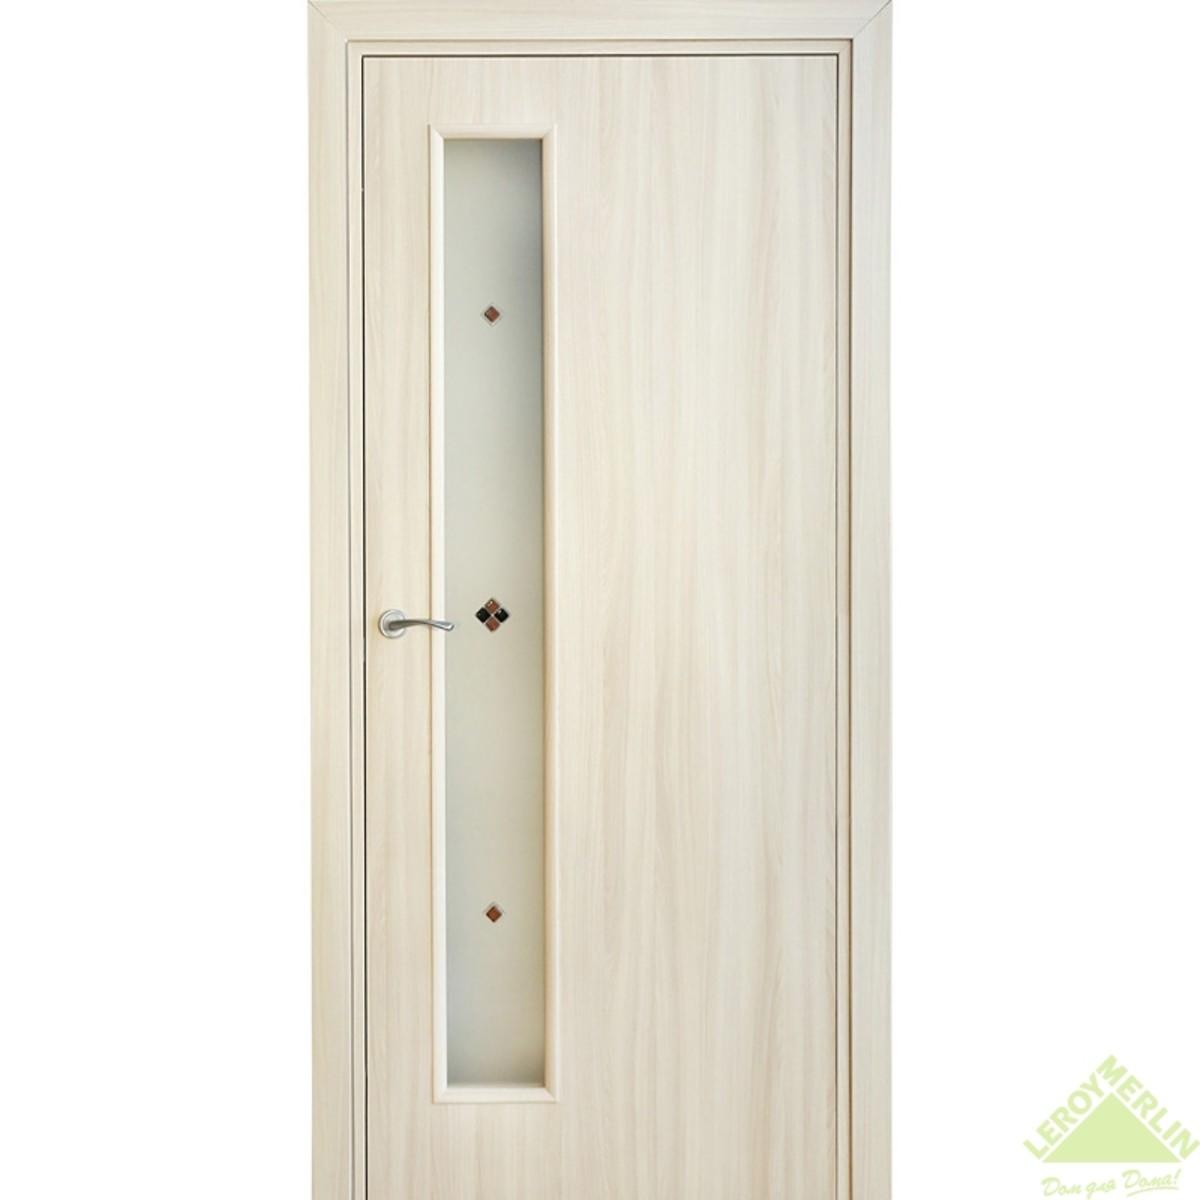 Дверь Межкомнатная Остеклённая Фортунато Модерн 80x200 Ламинация Цвет Ясень